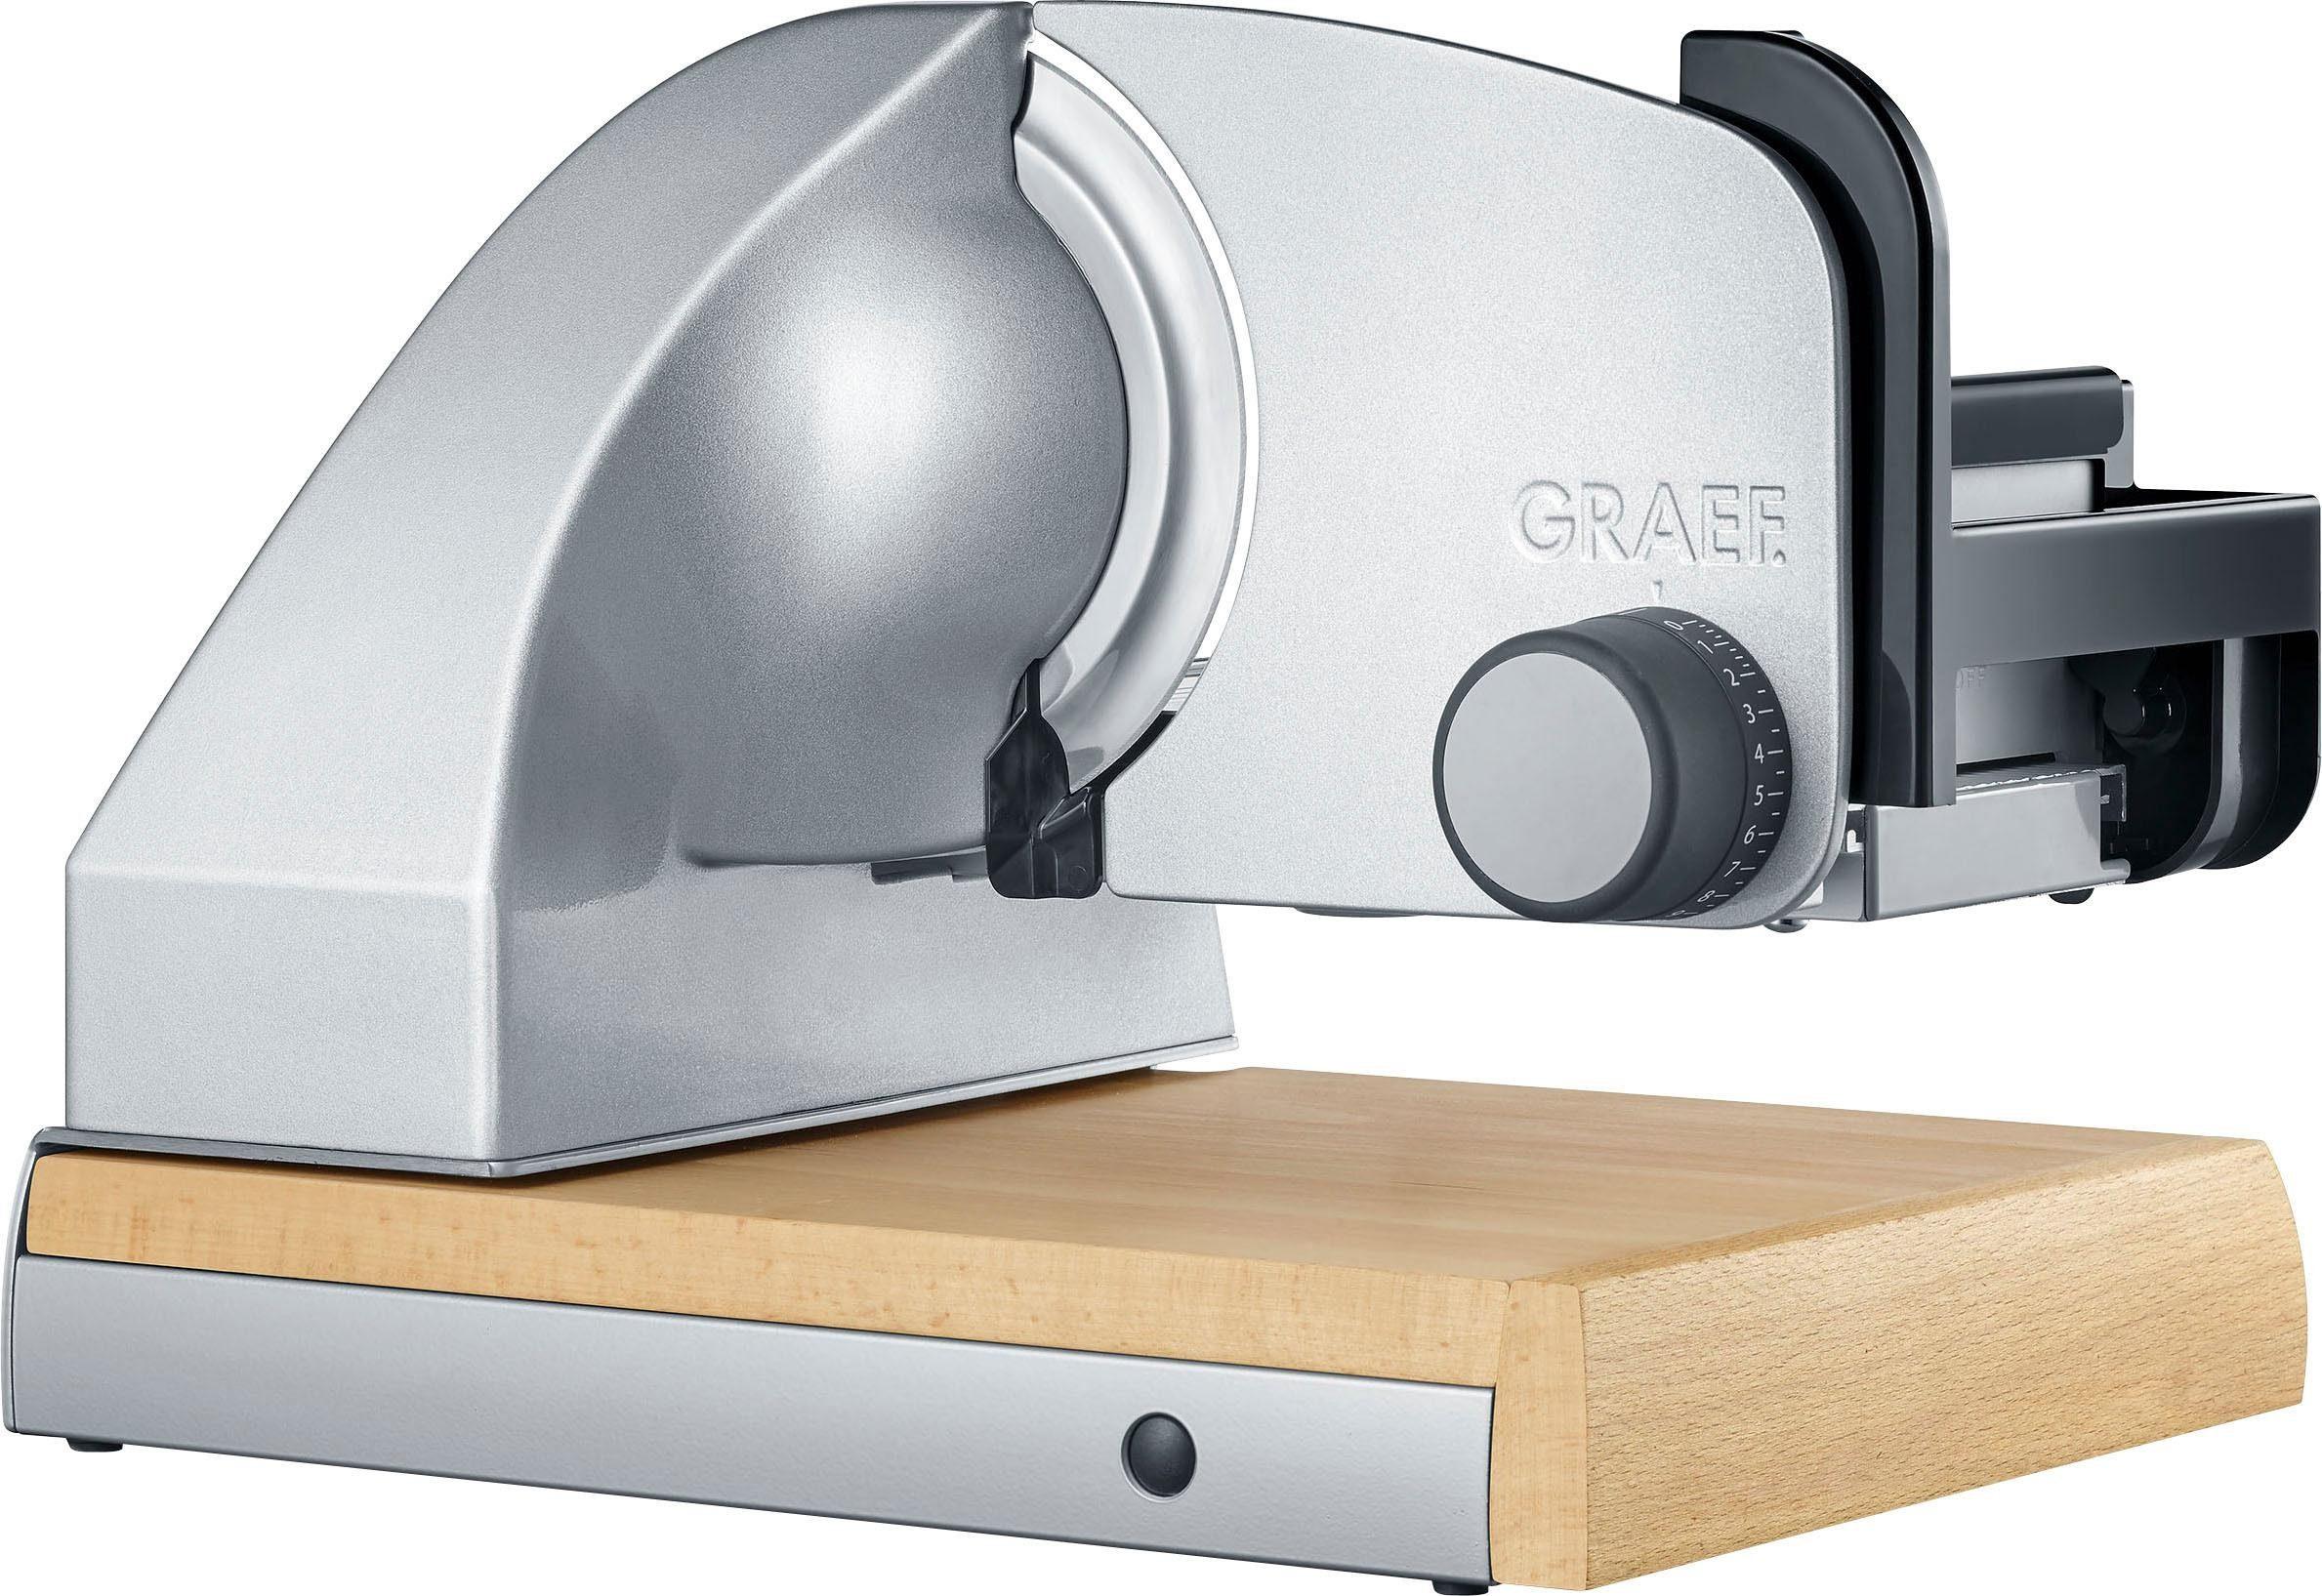 Graef Allesschneider Sliced Kitchen SKS 850, silber, 170 W